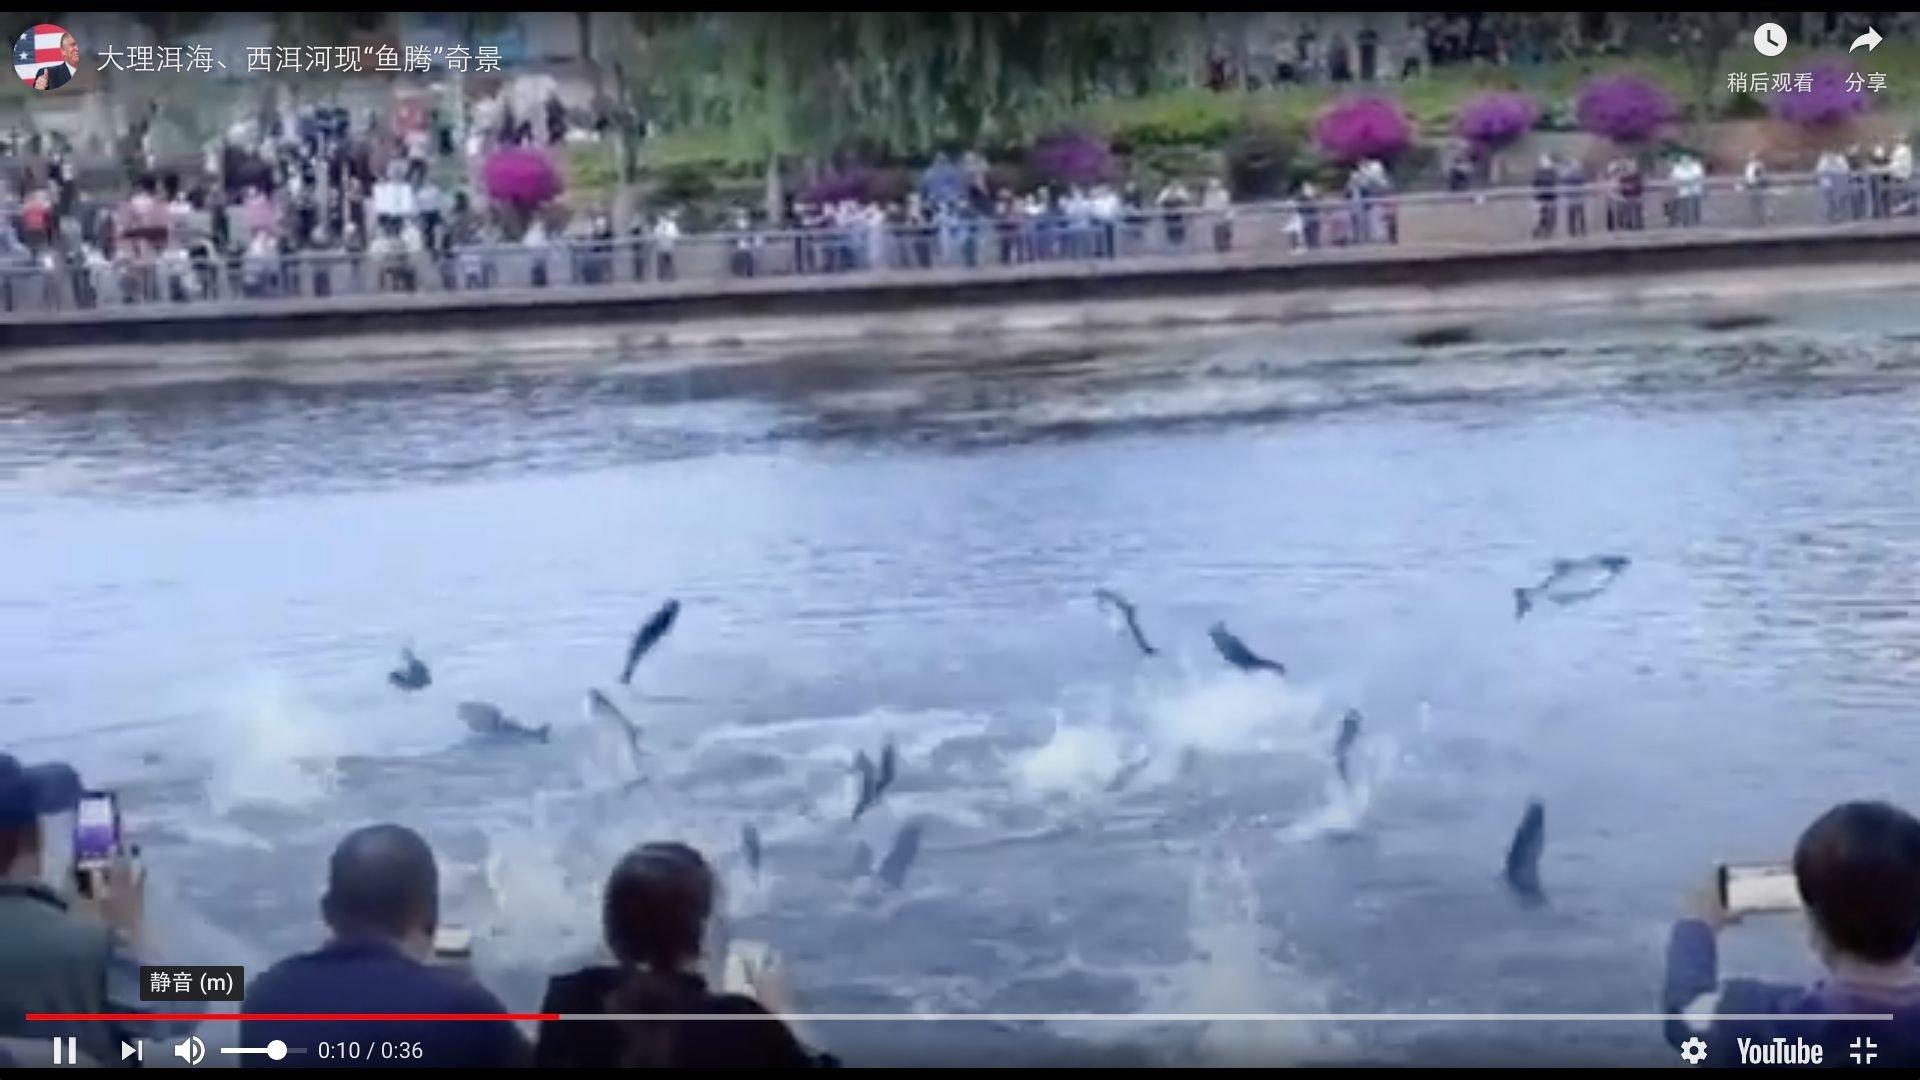 雲南大理洱海、西洱河6月15日出現「魚騰」奇景,吸引大量市民圍觀。(影片截圖)